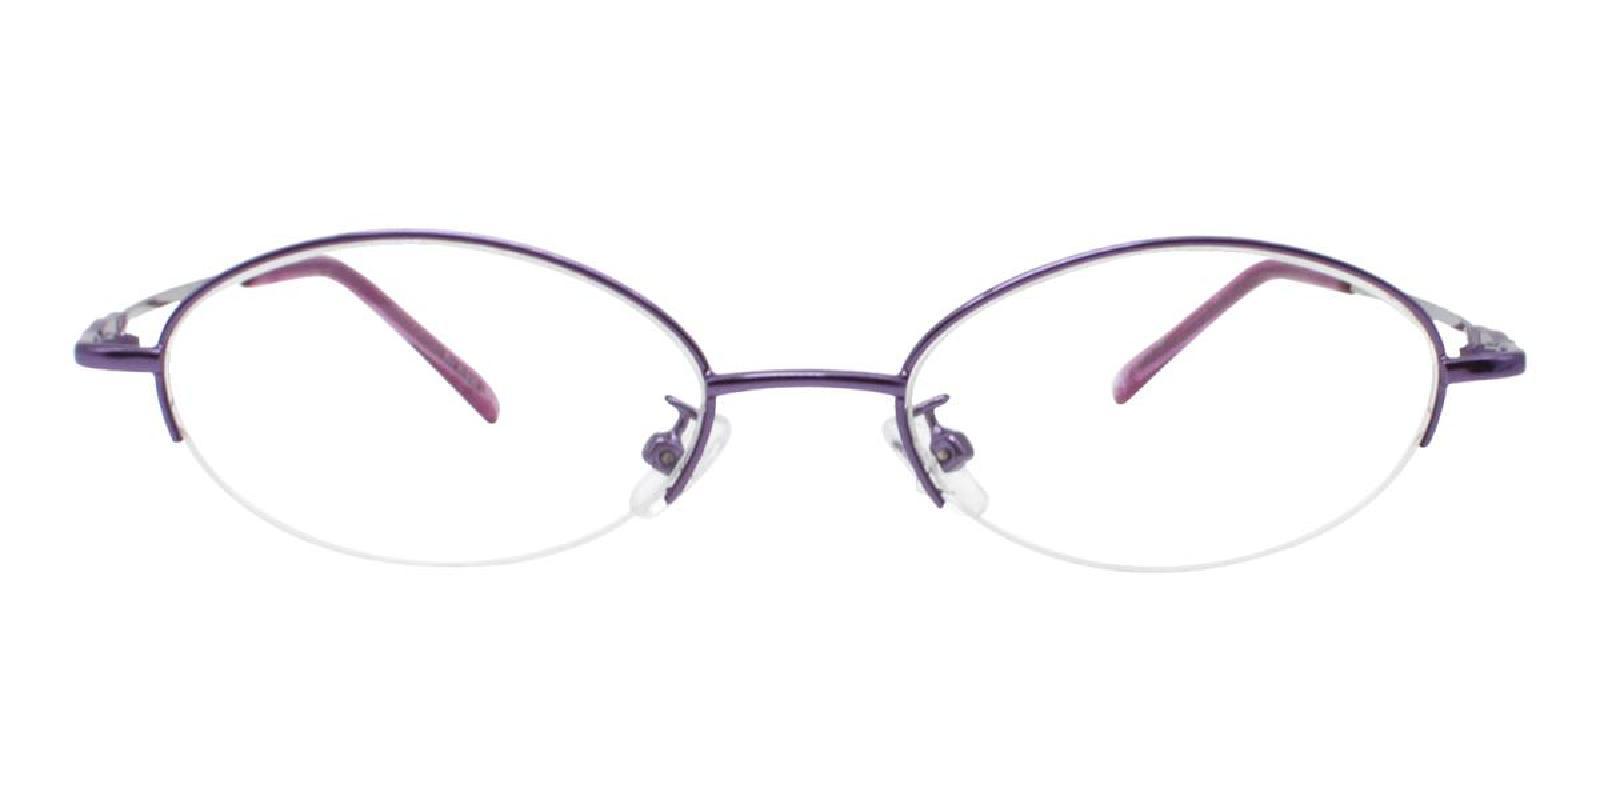 Anthony-Purple-Oval-Metal-Eyeglasses-additional2